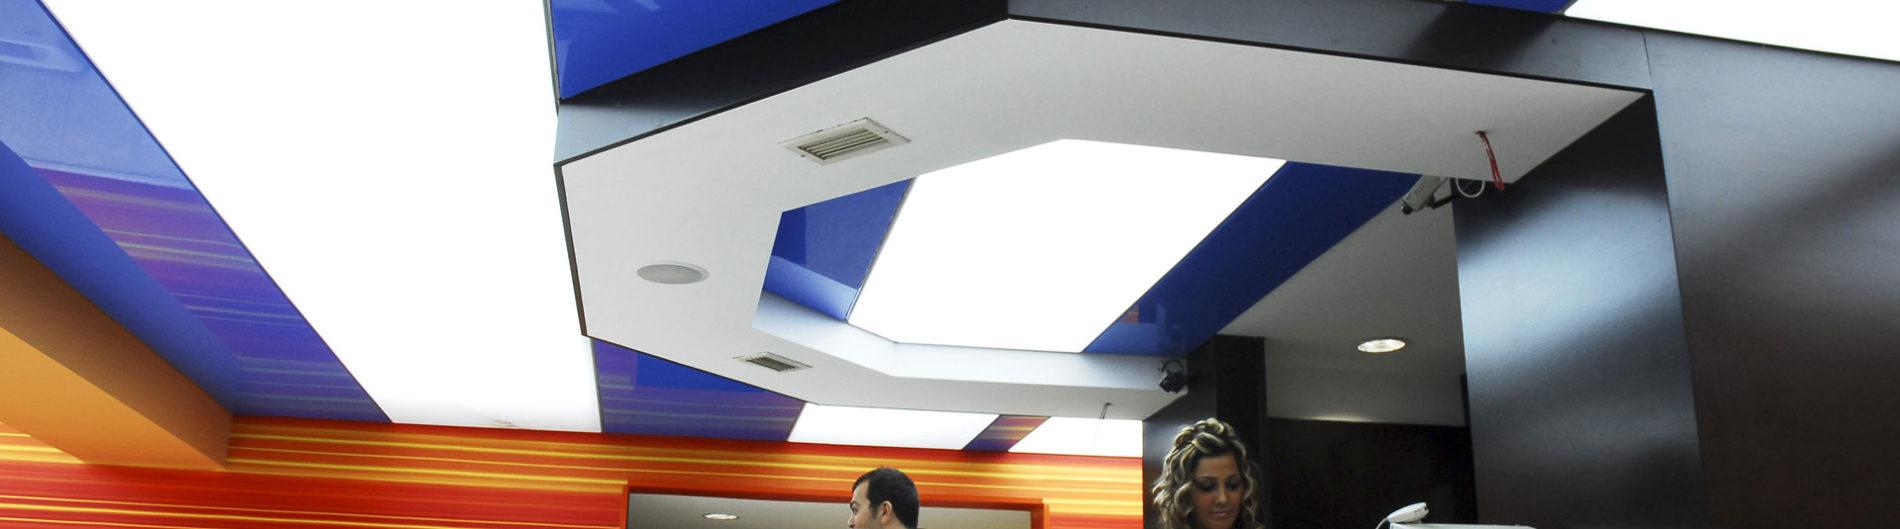 синий белый рецепция потолок